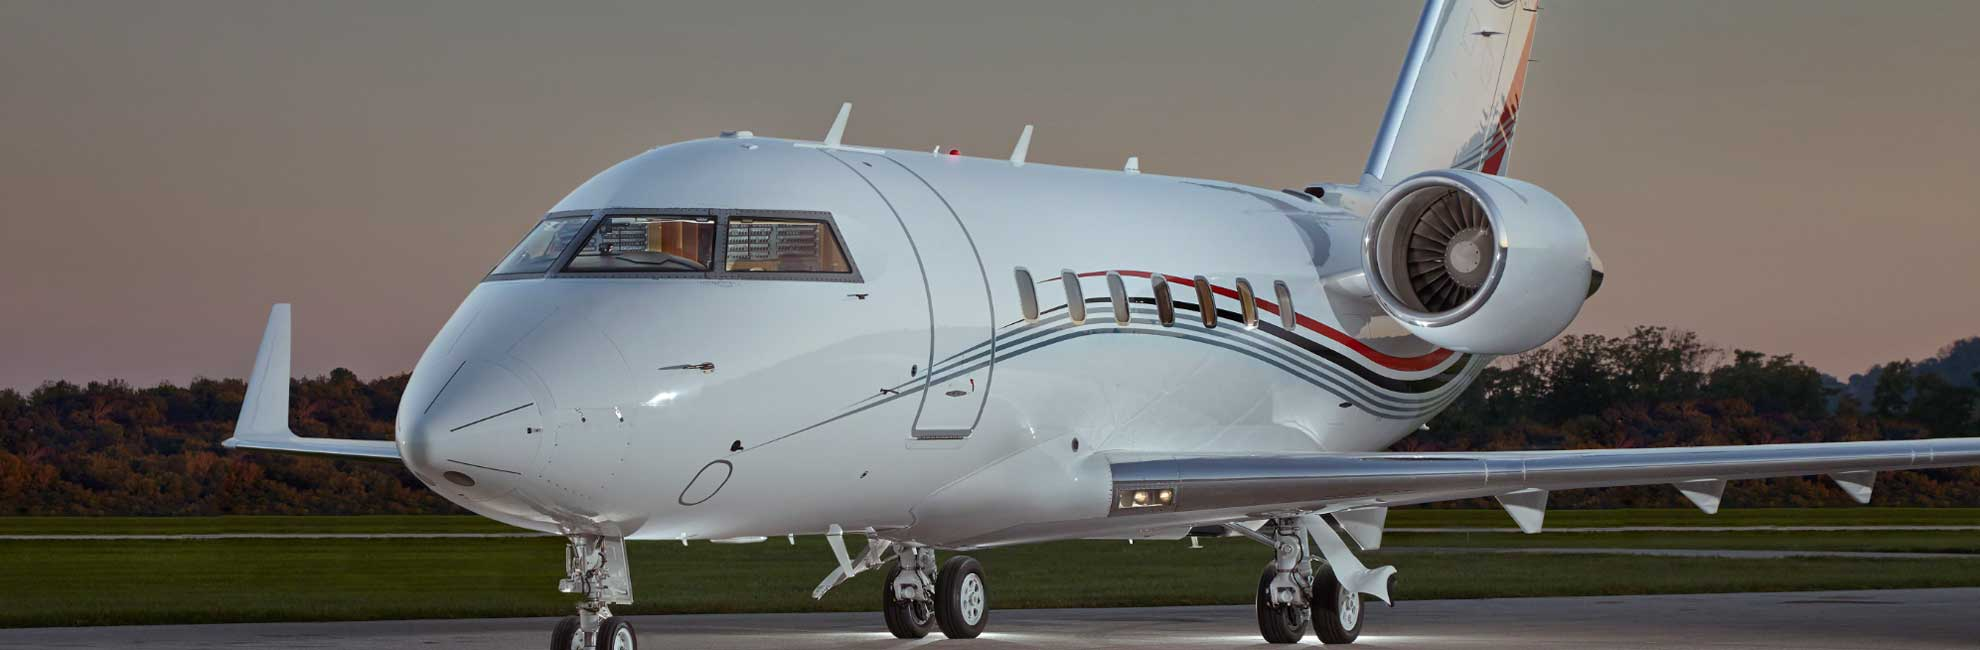 Jet charter Texas